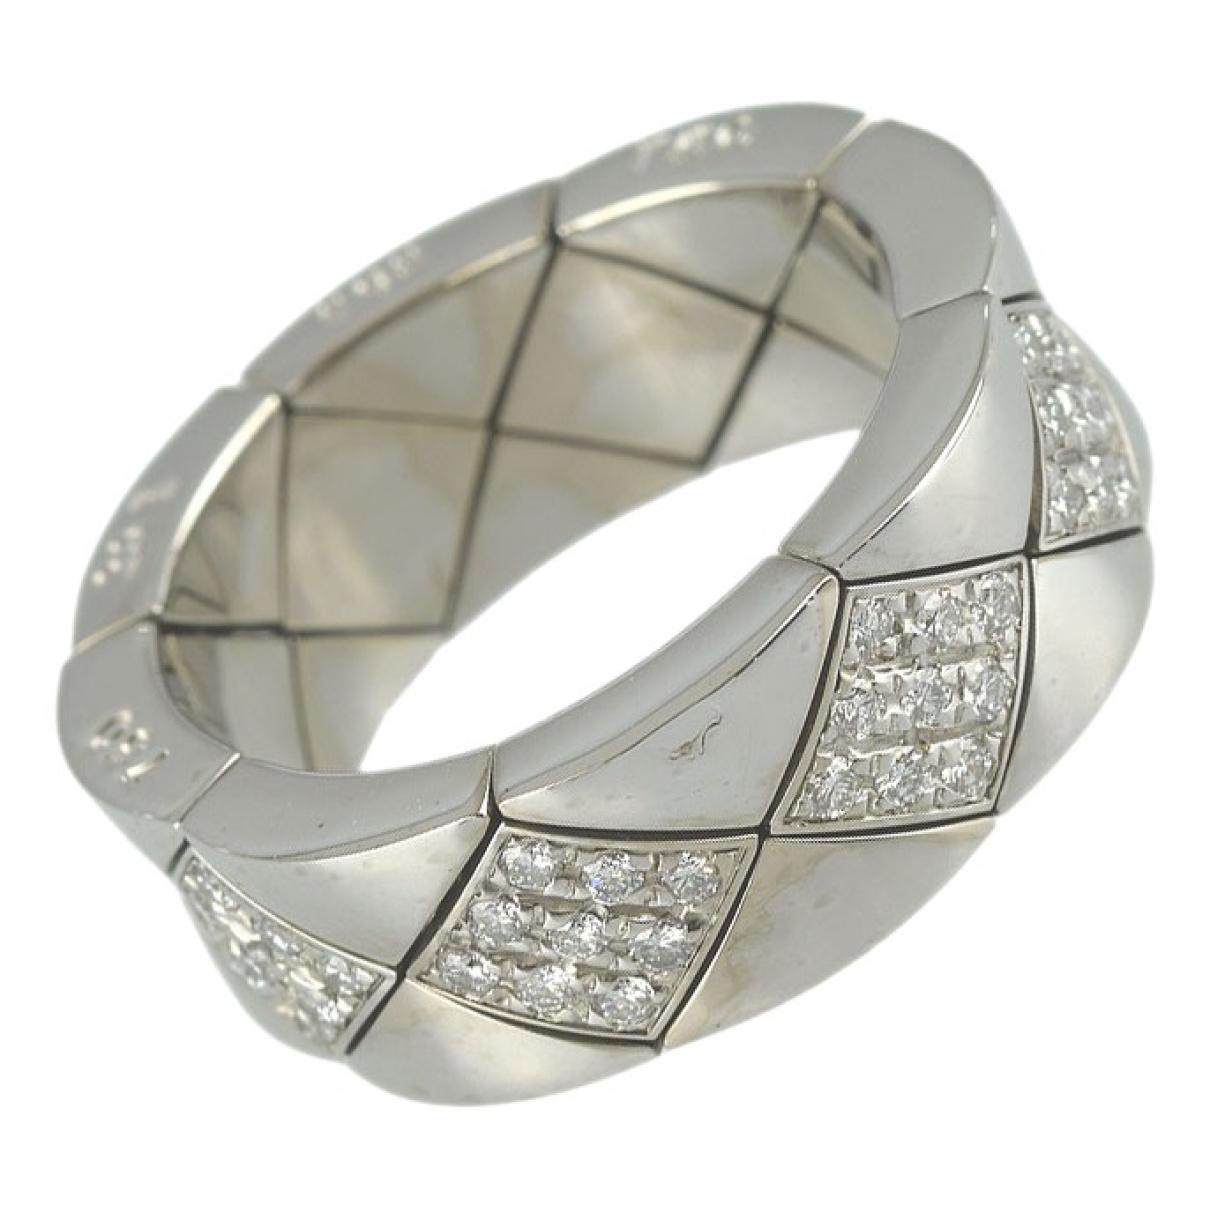 Chanel - Bague Matelasse pour femme en or blanc - argente